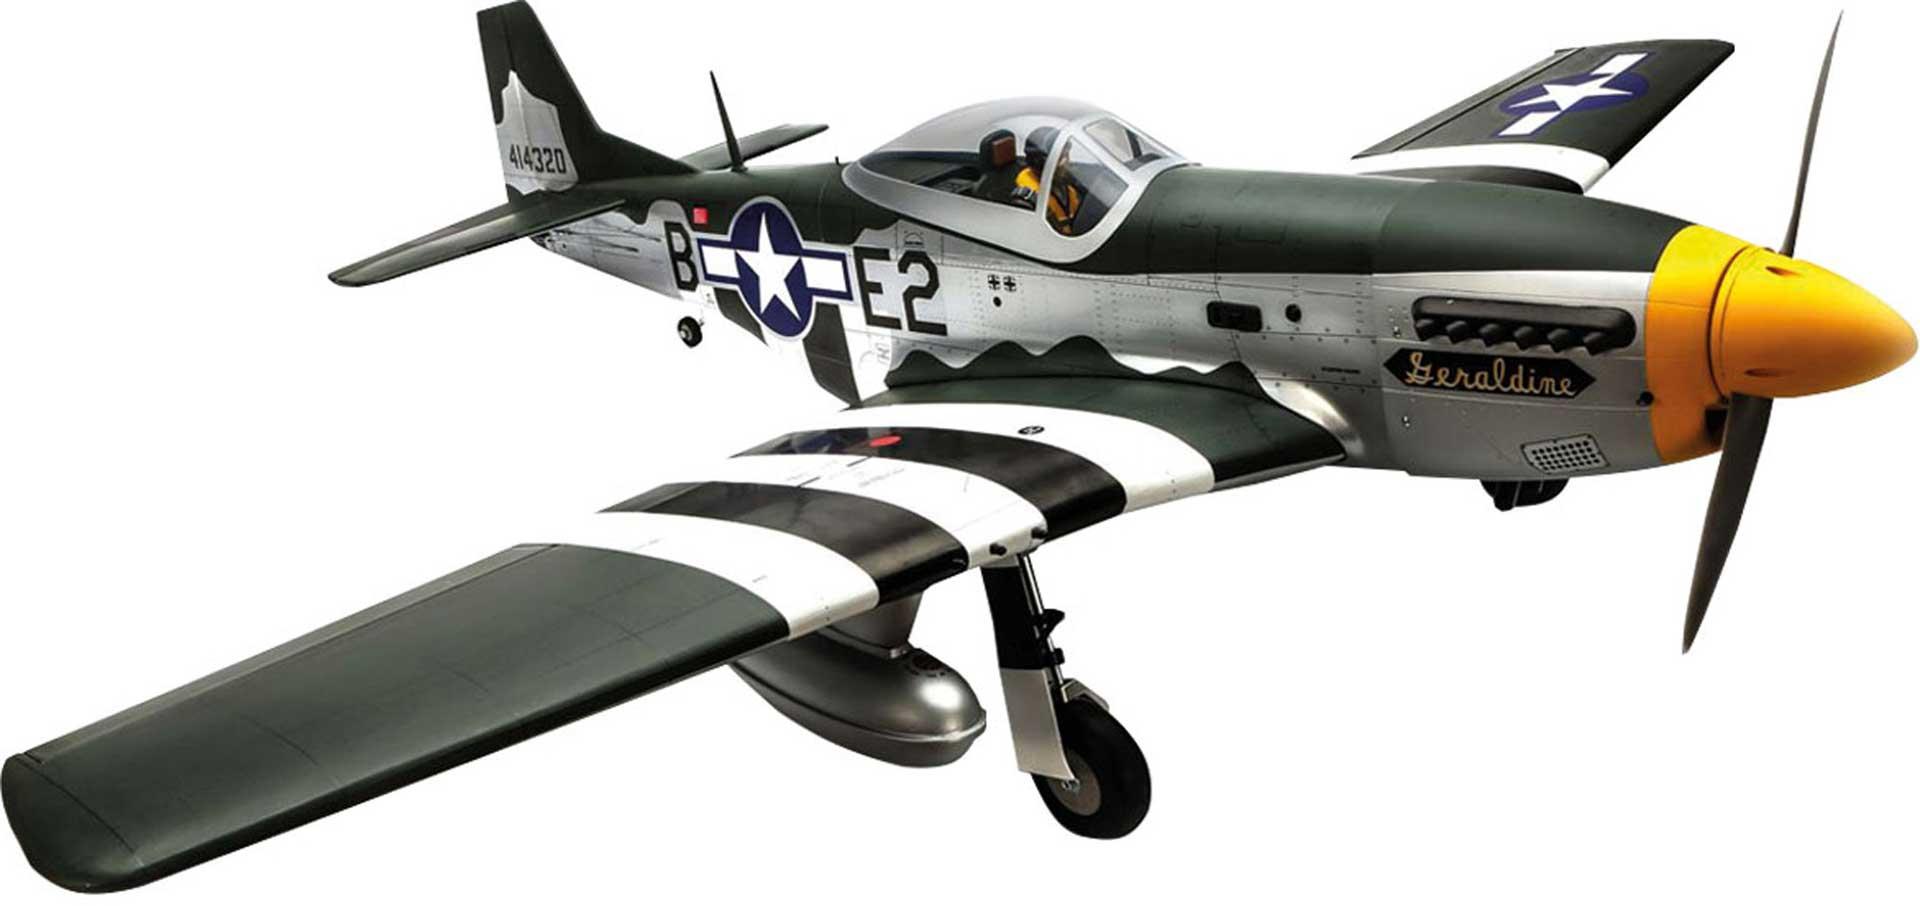 HANGAR 9 P-51D MUSTANG 20CC ARF WARBIRD IN HOLZBAUWEISE, OPTIONALES EINZIEHFAHRWERK